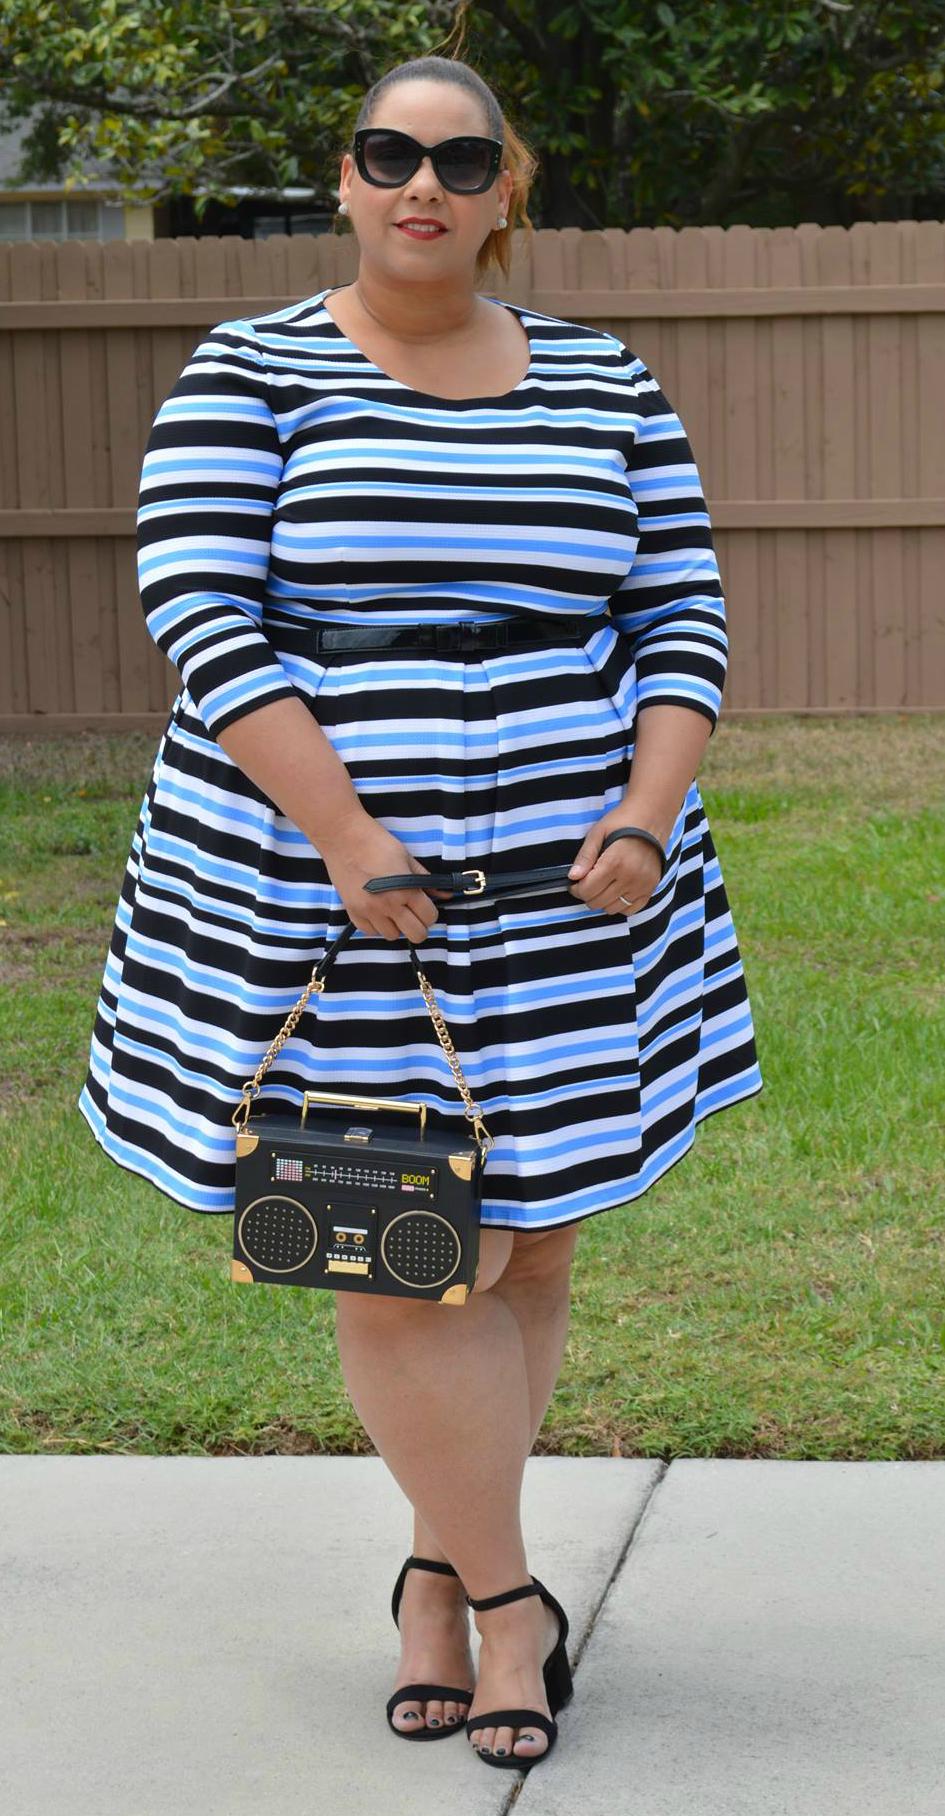 fashion-blogger-farrah-estrella-of-the-estrella-fashion-report